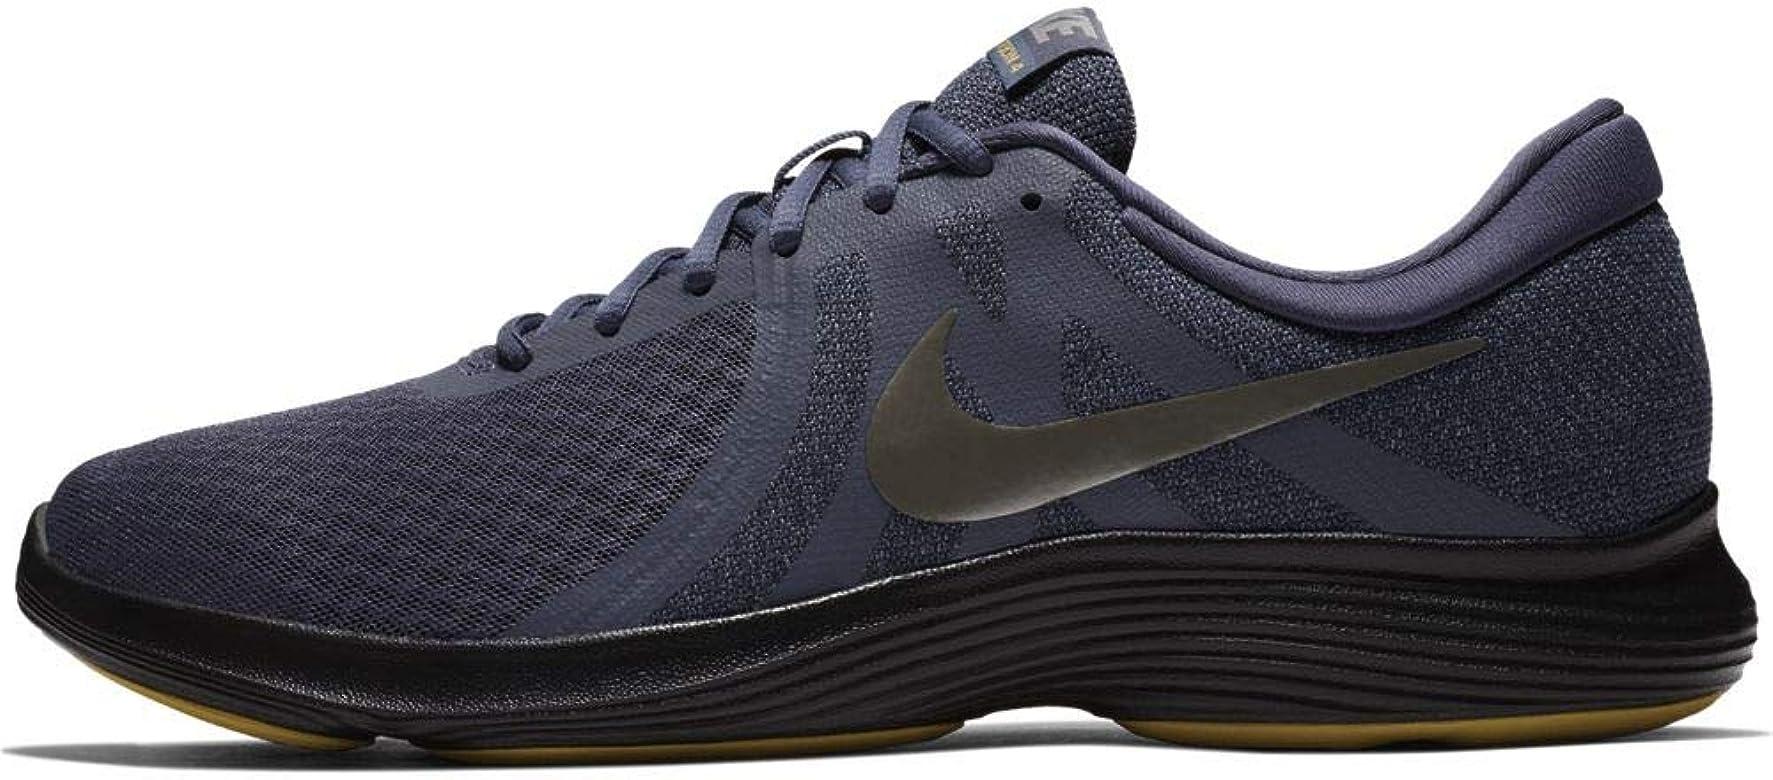 Nike Revolution 4, Zapatillas de Running para Hombre, Multicolor (Gridiron/Mtlc Pewter/Light Carbon/Black 015), 40 EU: Amazon.es: Zapatos y complementos